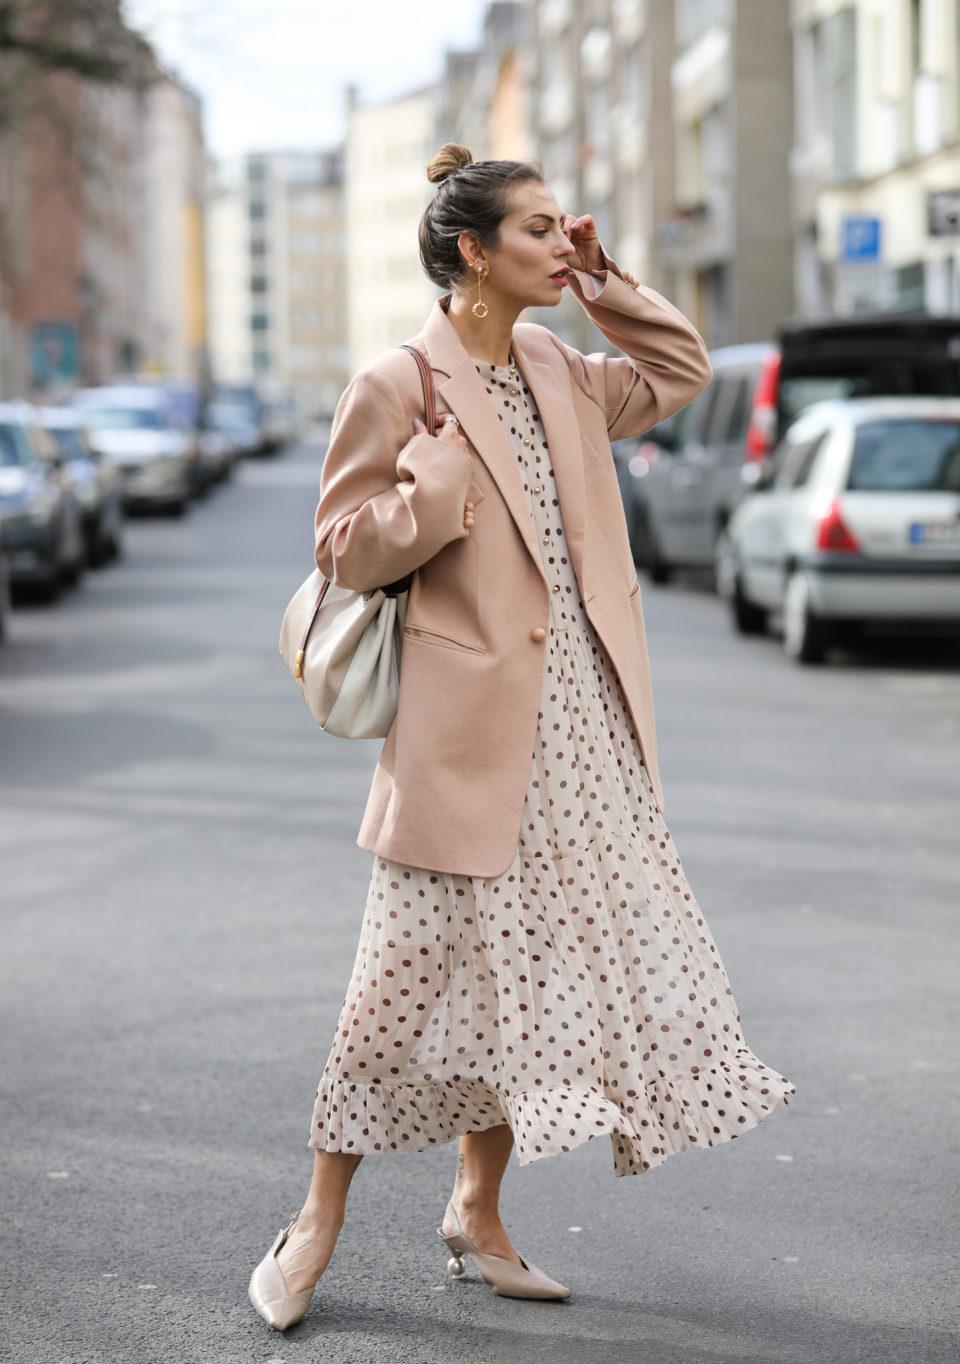 ТОП-10 трендов уличной моды 2019 года: 80-е